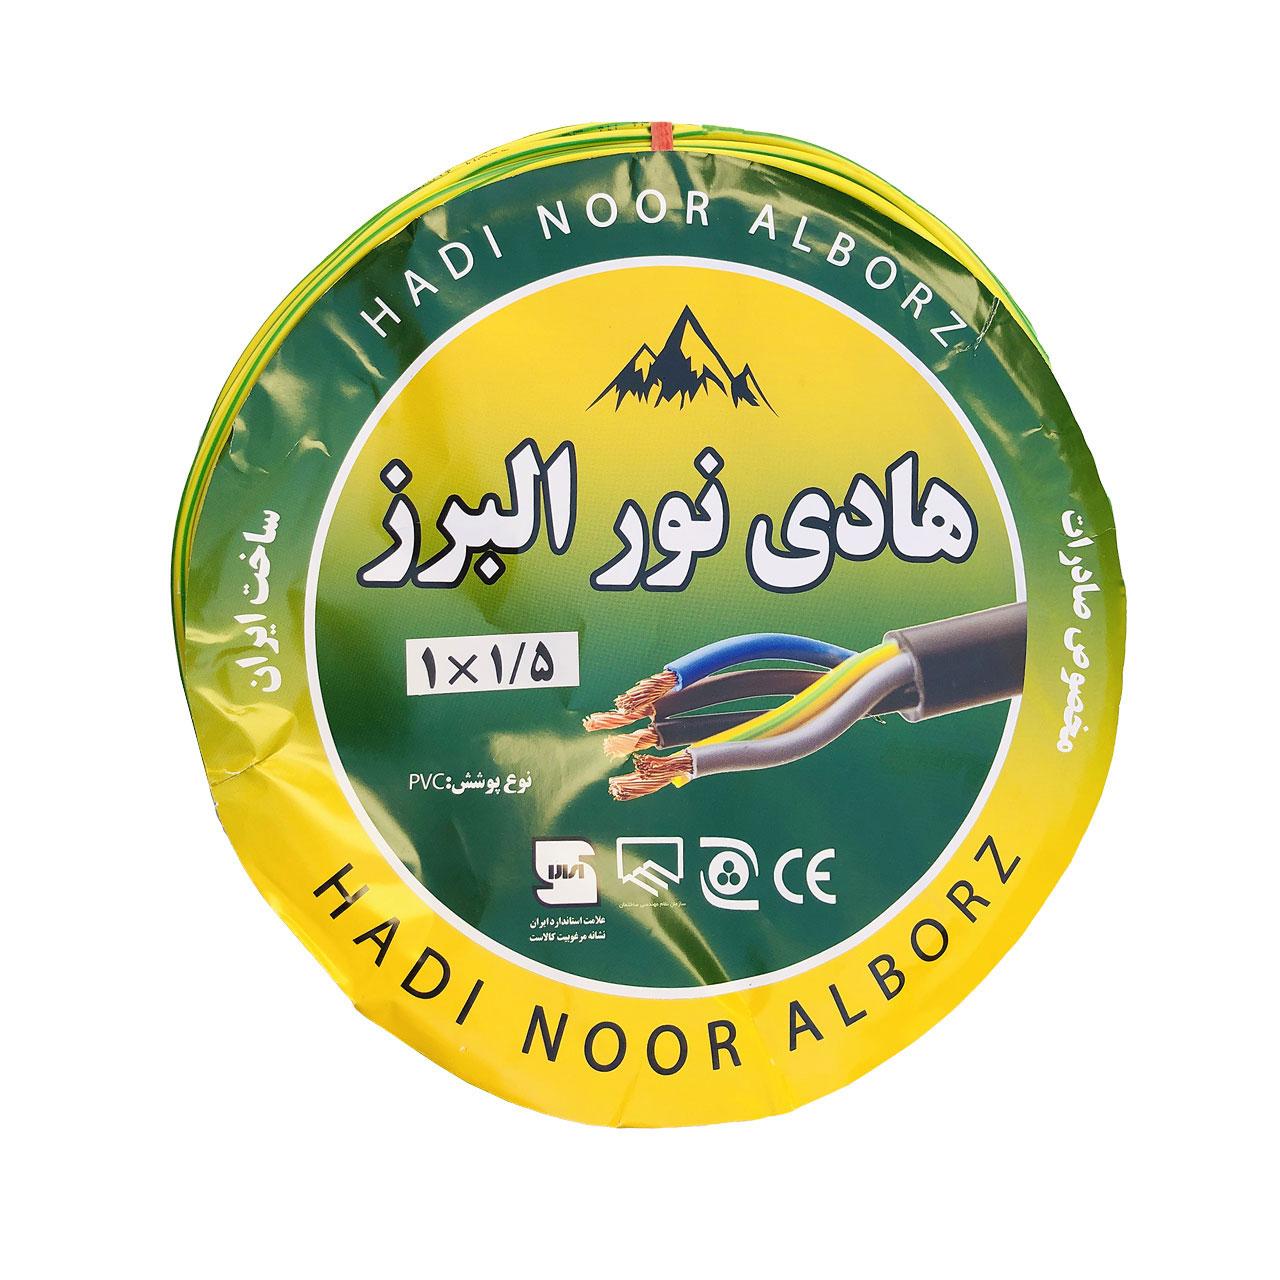 سیم برق افشان 1 در 1.5 هادی نور البرز مدل ارت